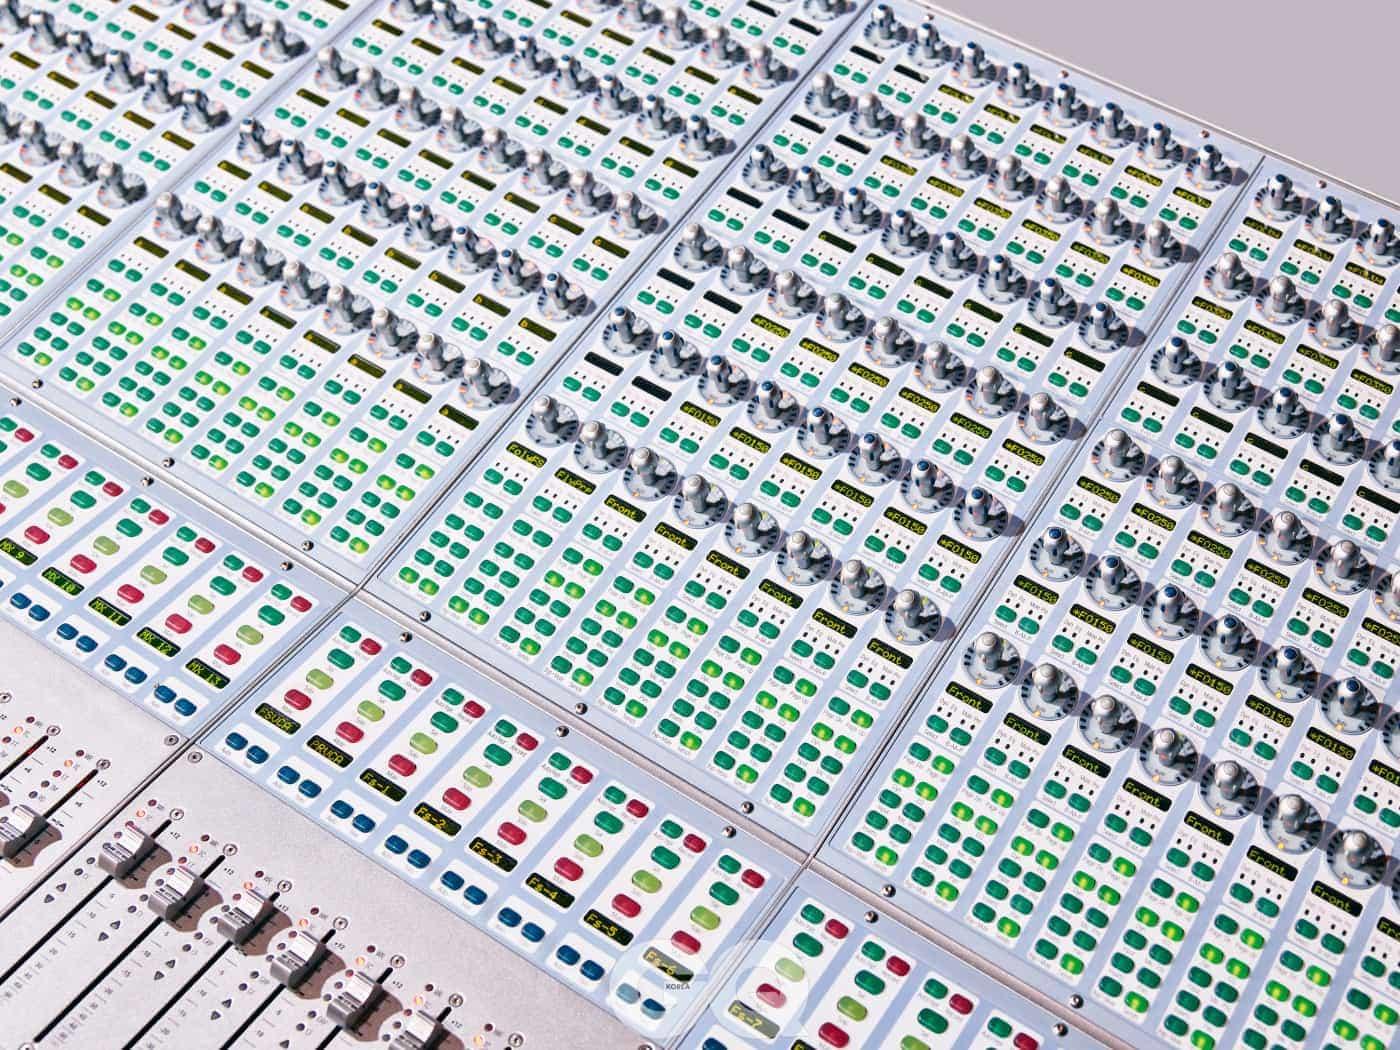 홀로그램과 음악의 싱크를 맞추기 위해 펄스 에벌루션이 이용하는 4.5미터 너비의 믹싱 데스크.